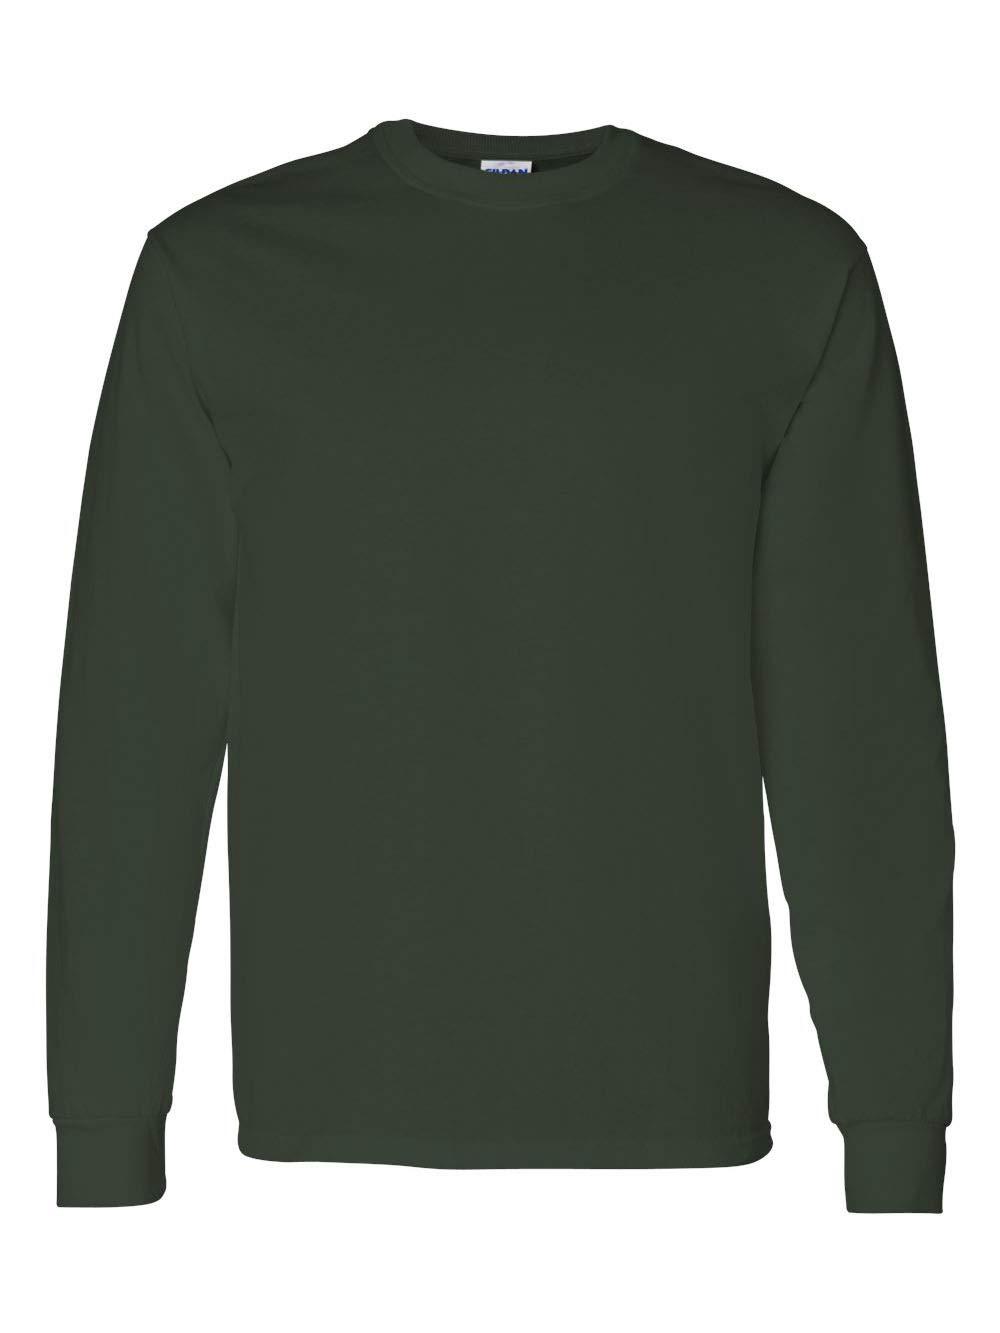 Gildan G5400 5.3 oz. Heavy Cotton Long-Sleeve T-Shirt, Forest Green, 3XL